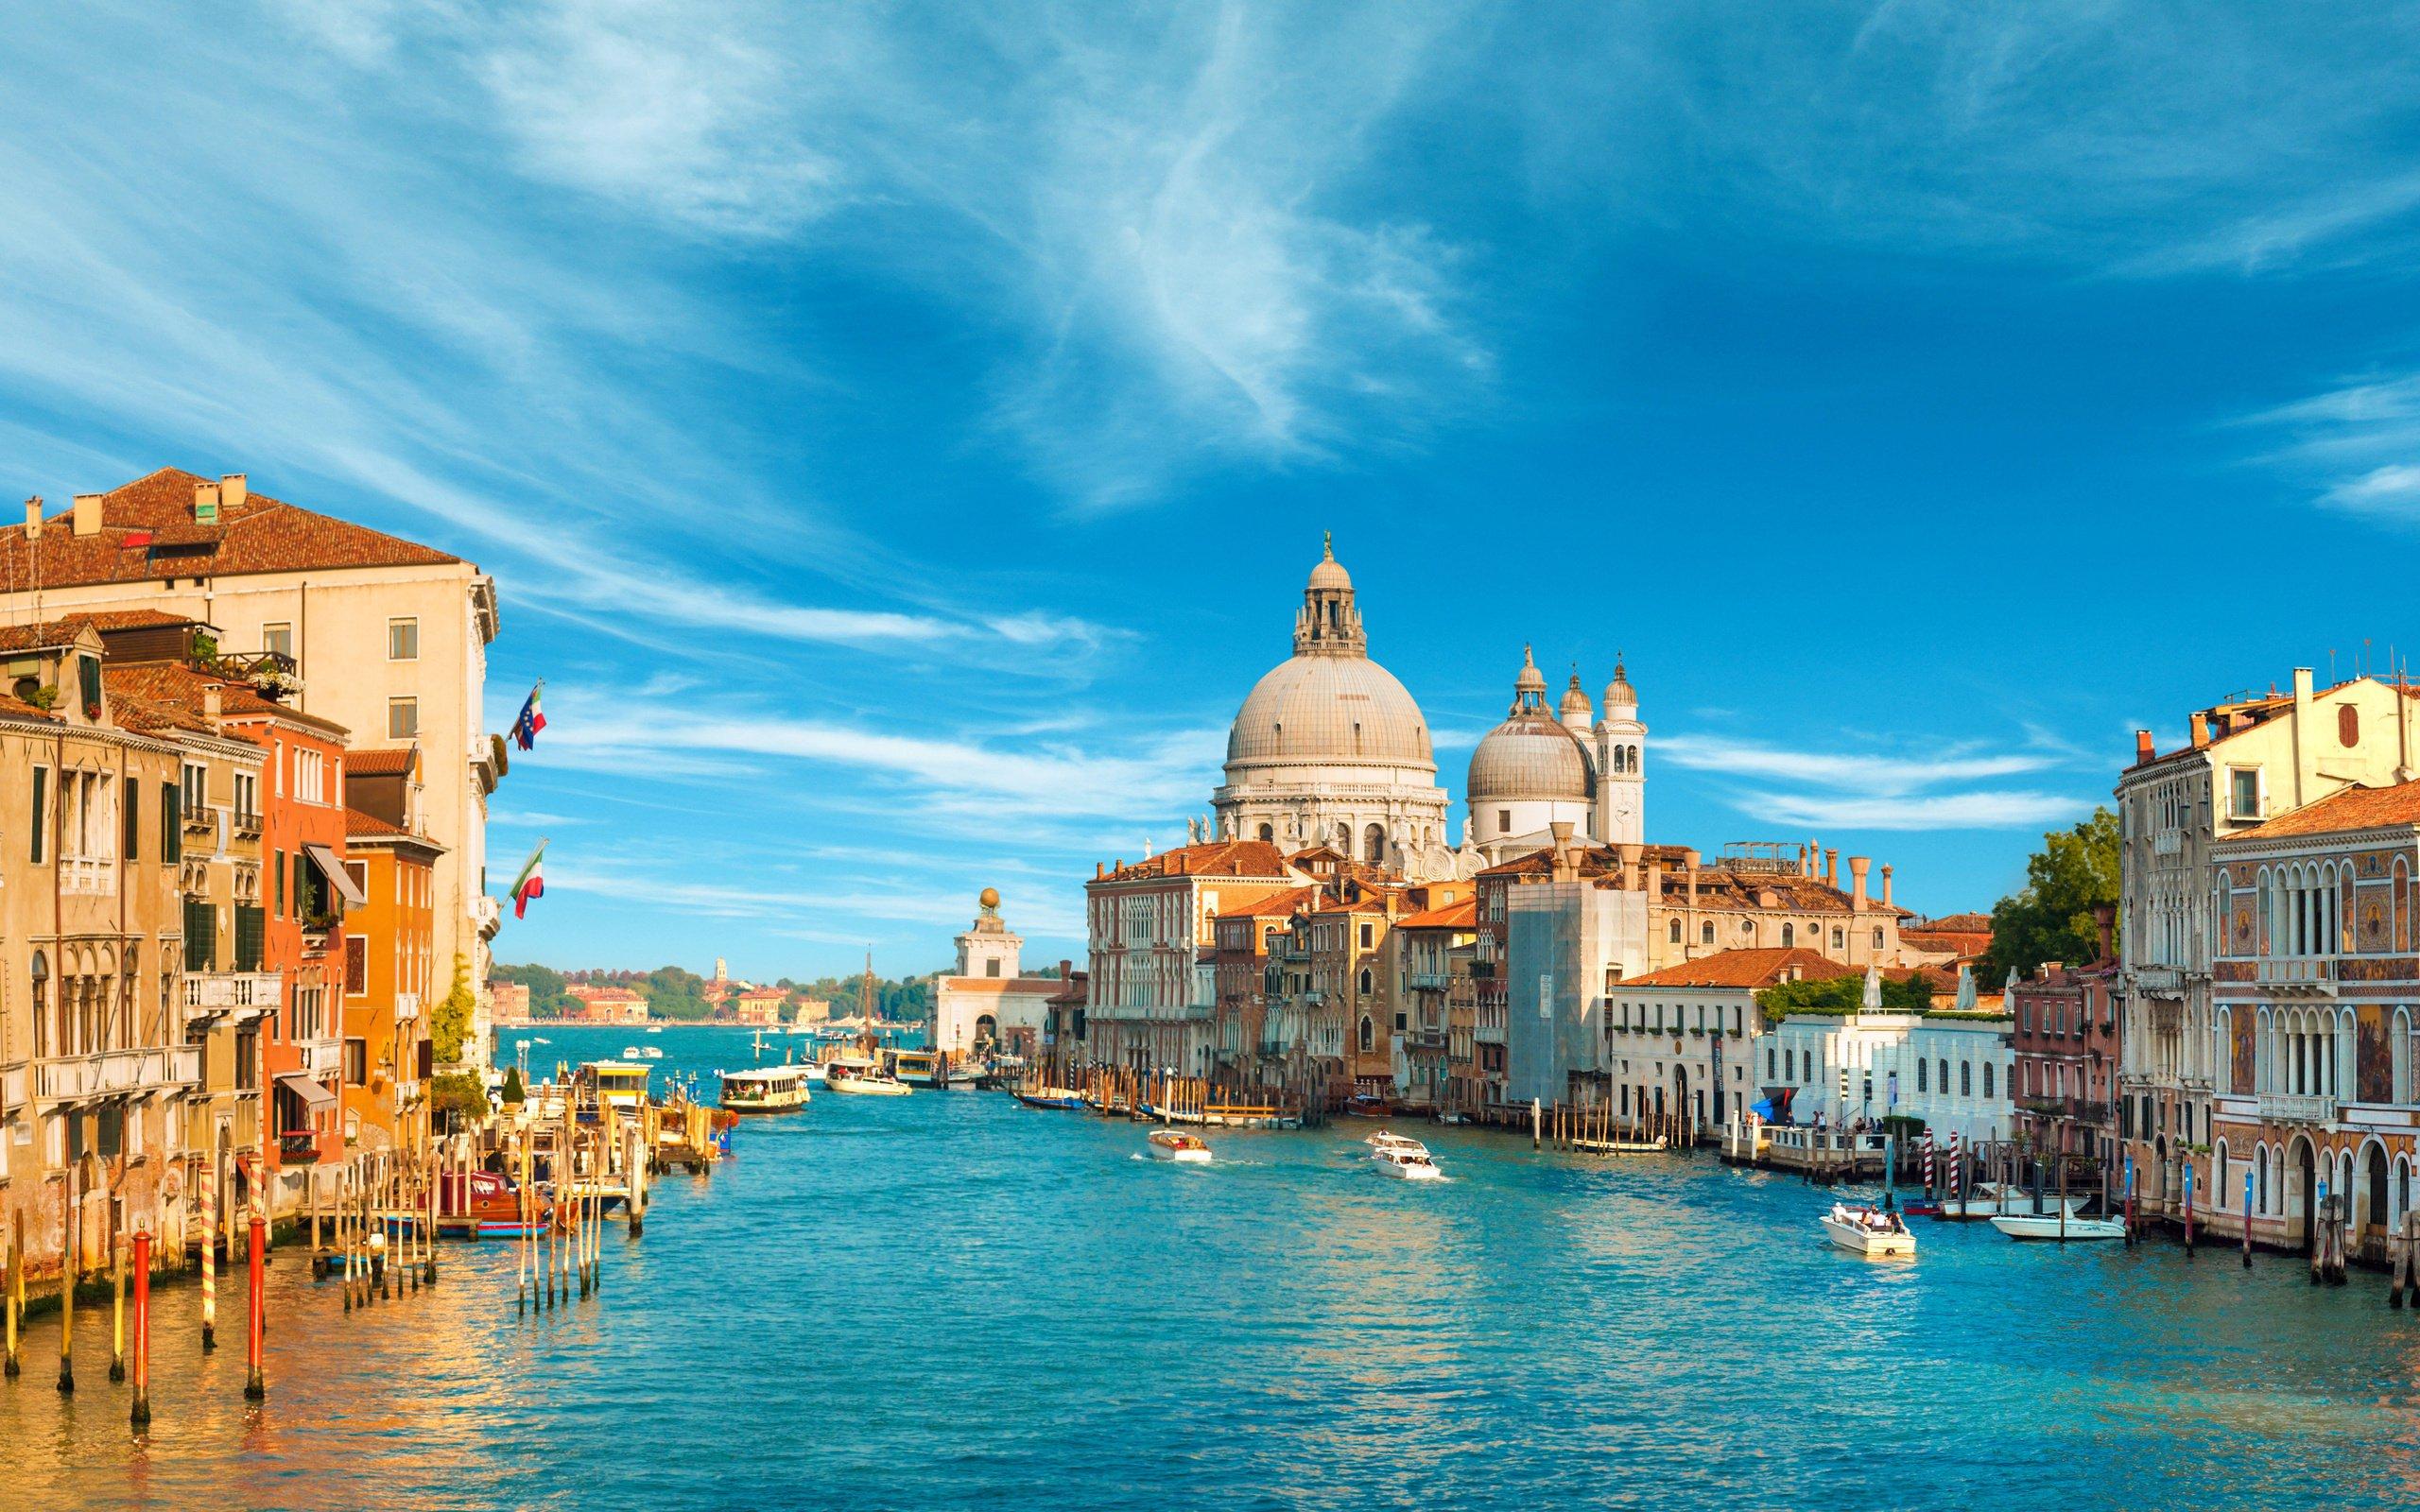 「Venezia」の画像検索結果